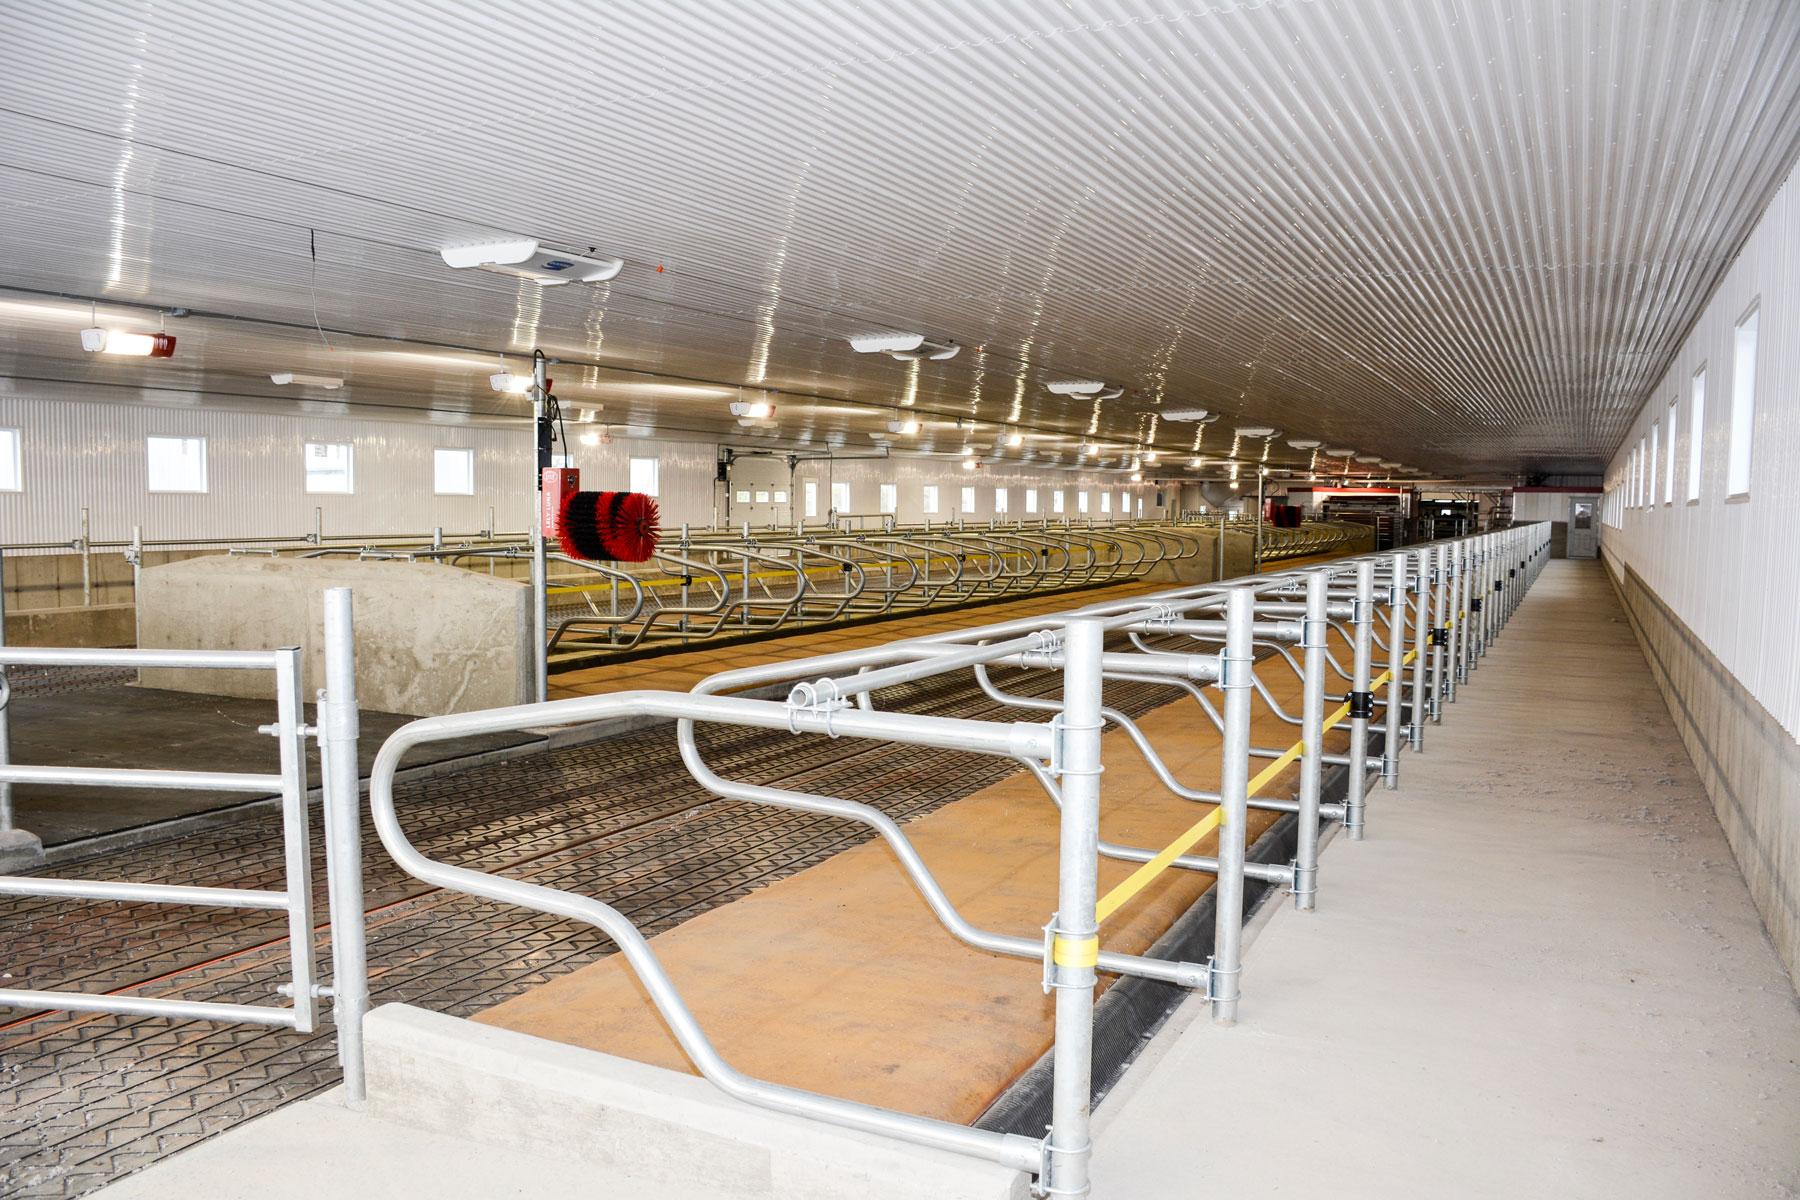 installation agricole vache laitière logette courroie avant logette / Équipements PFB